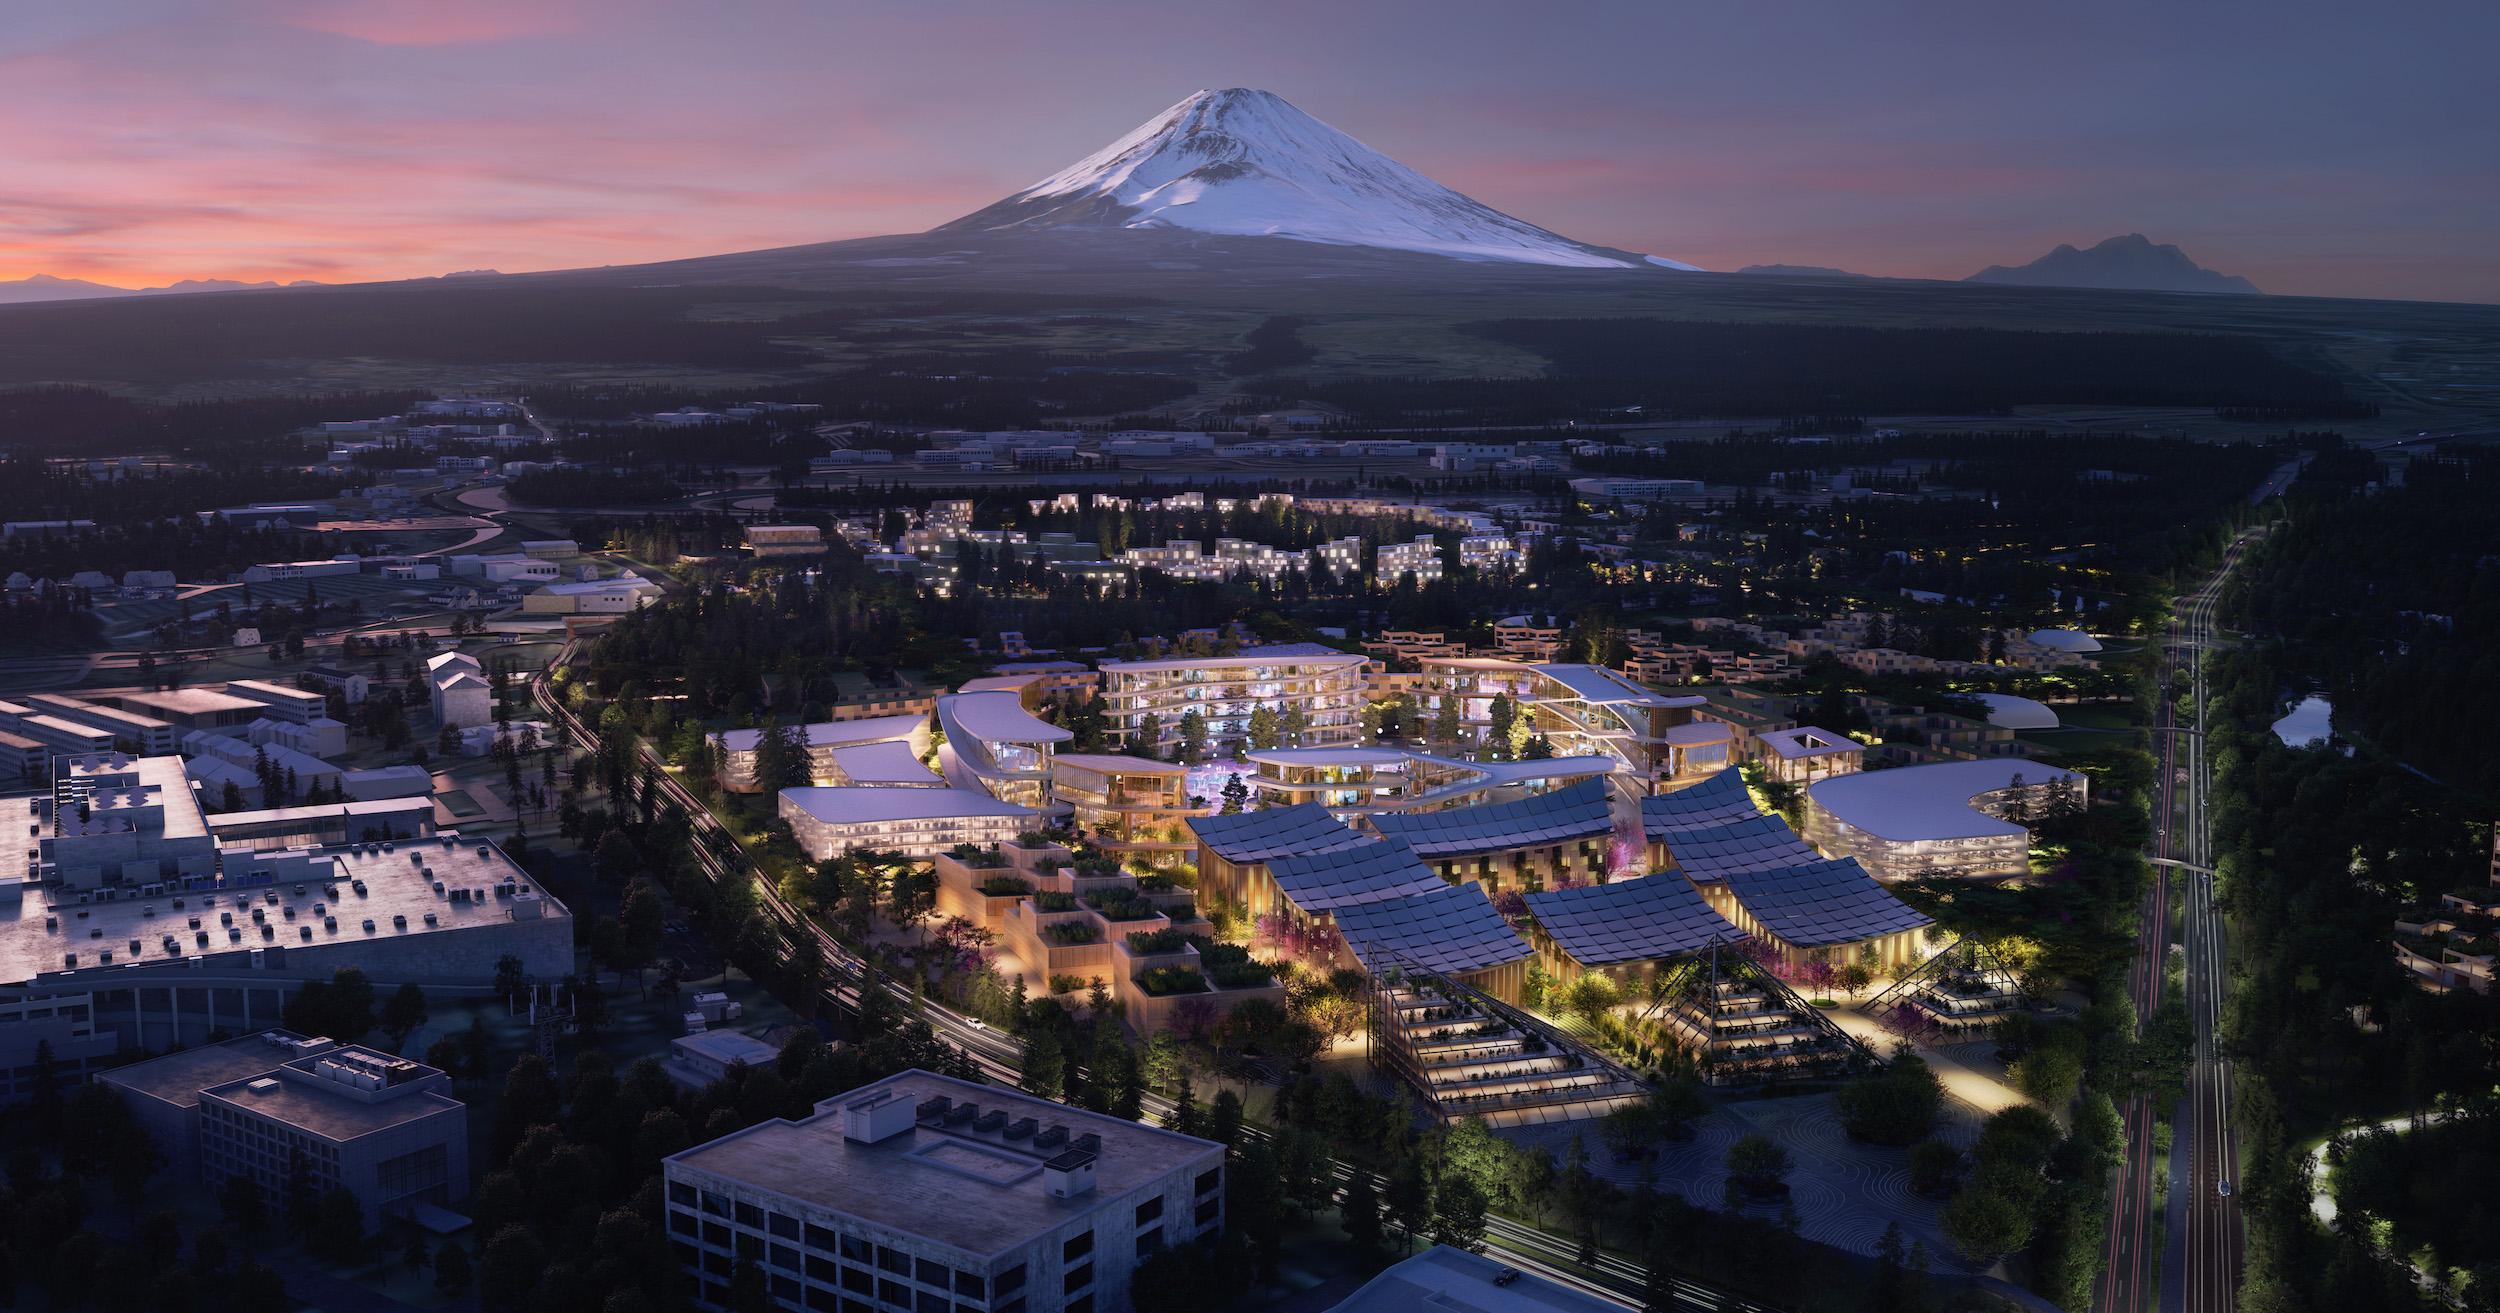 Staden ska ligga vid foten av berget Fuji. Foto Toyota.